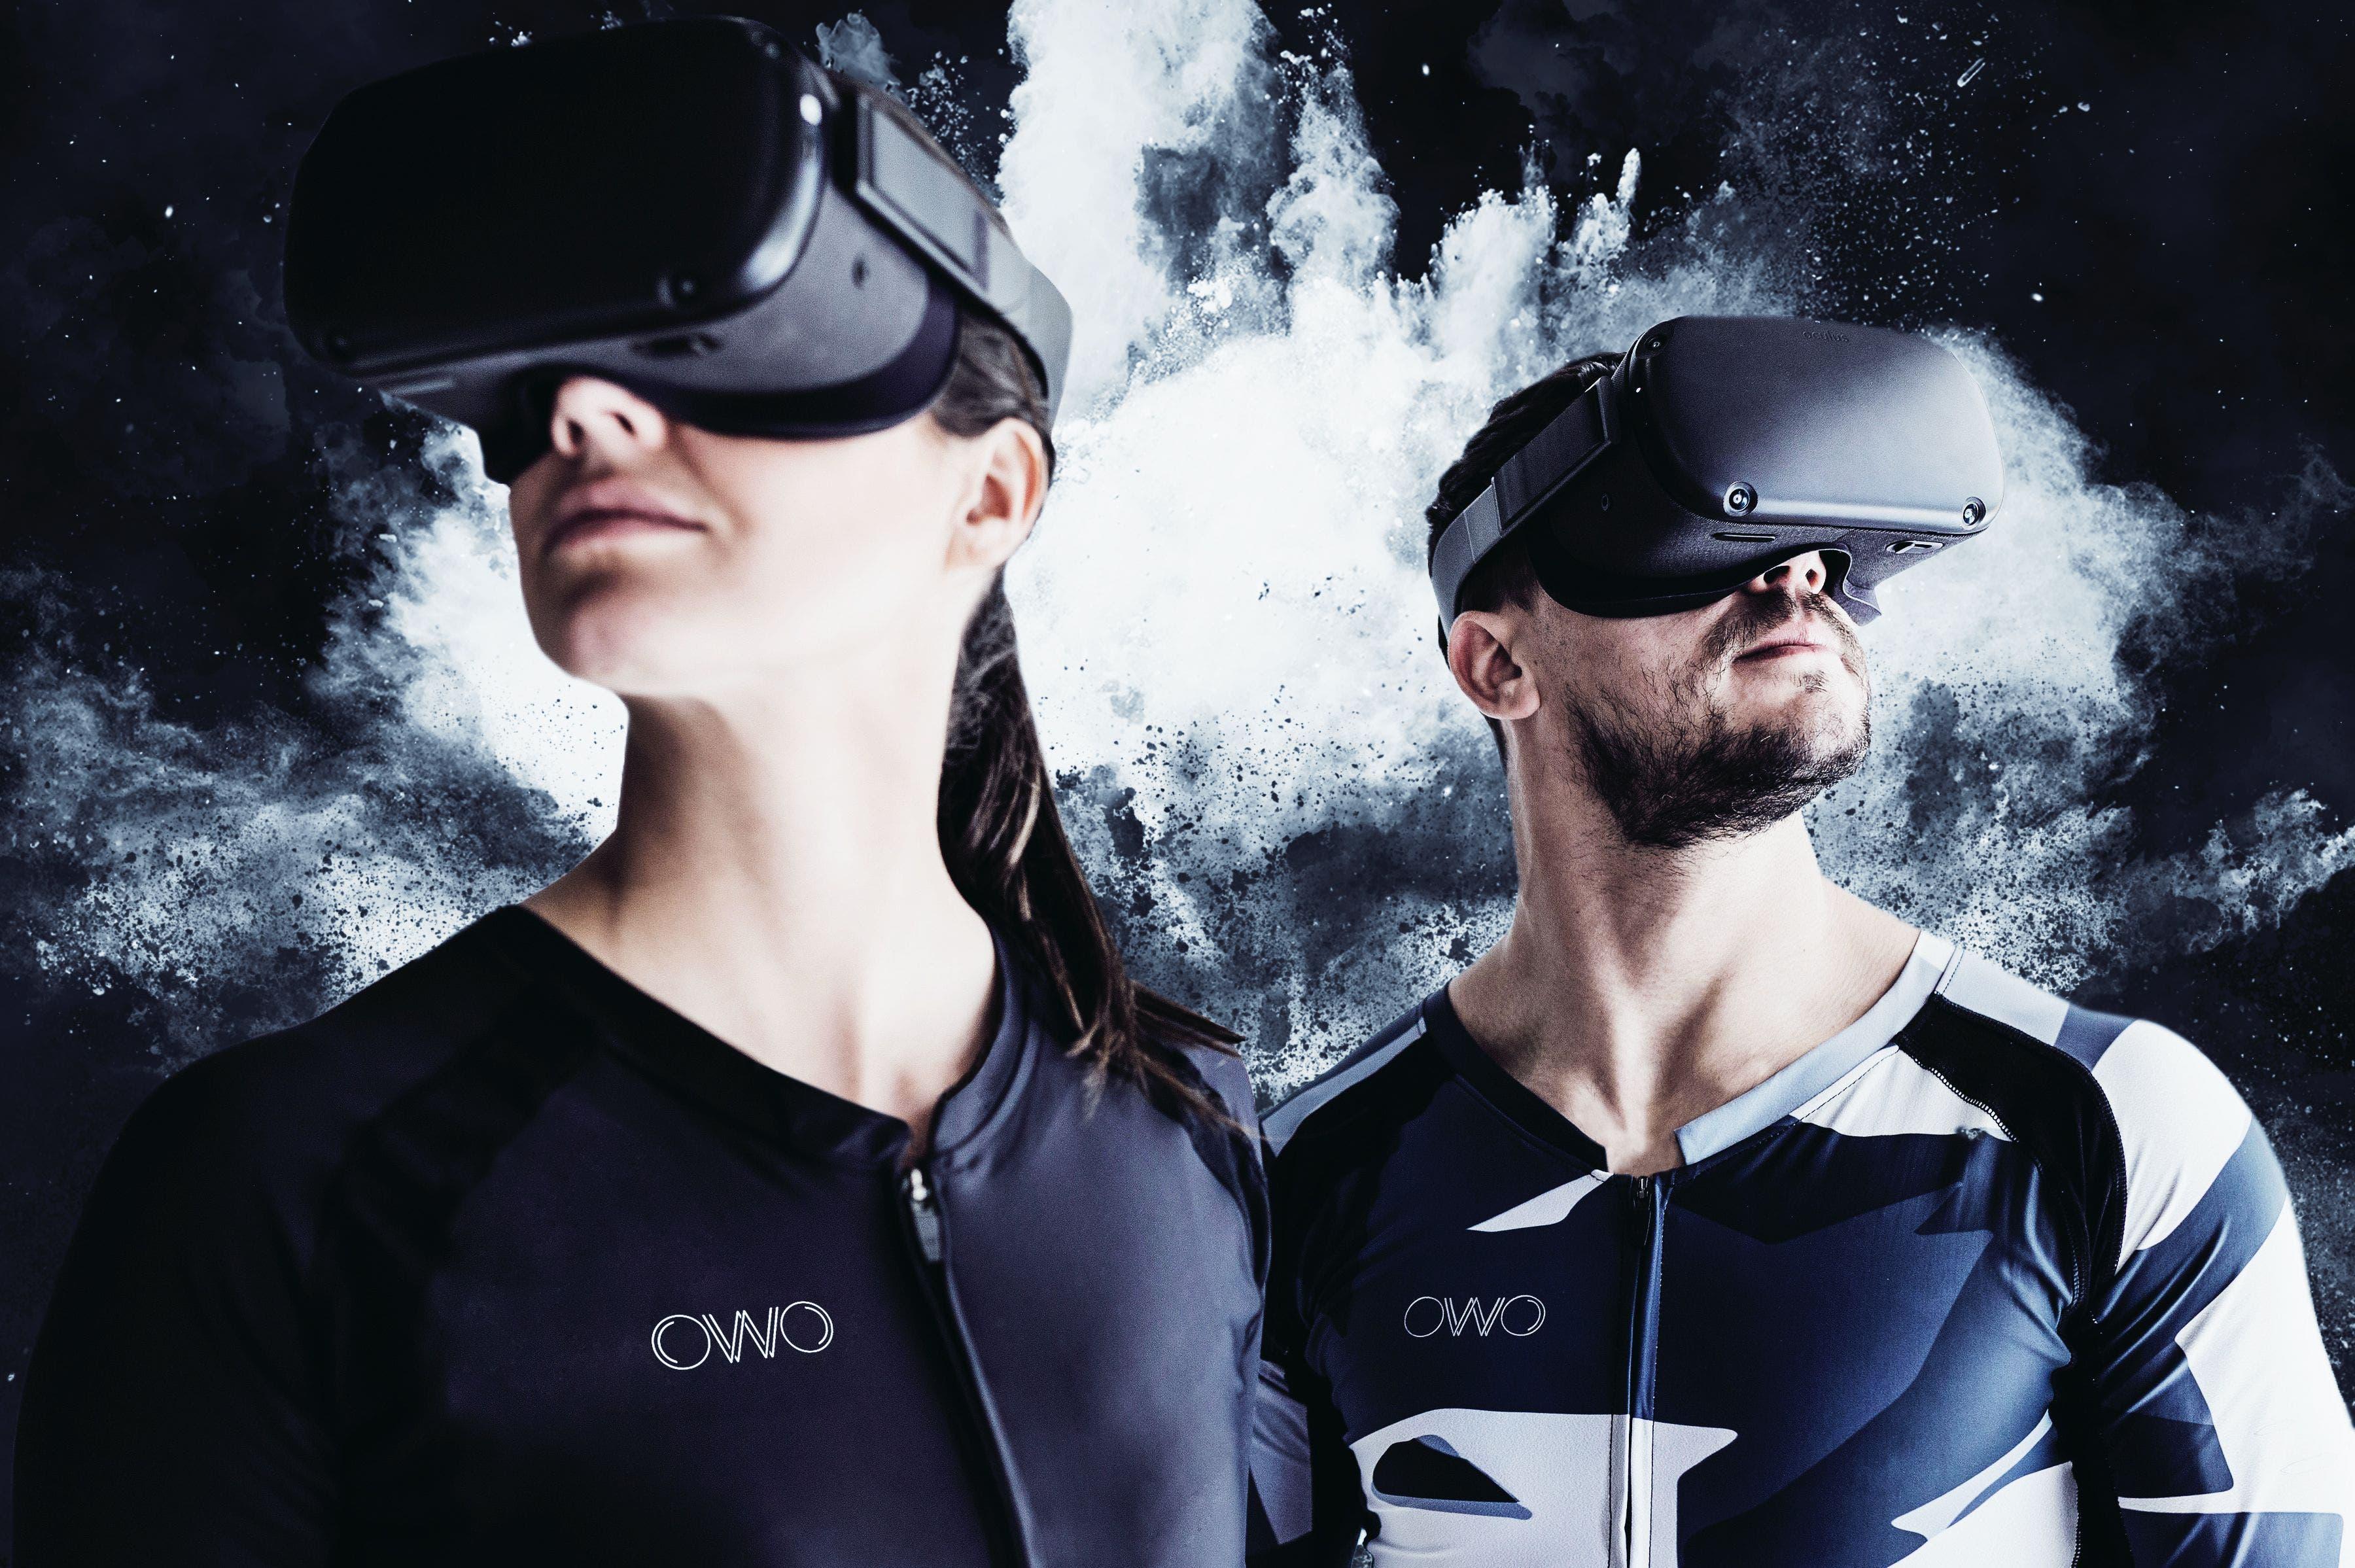 Owo, la remera que te permite sentir un videojuego en el pecho